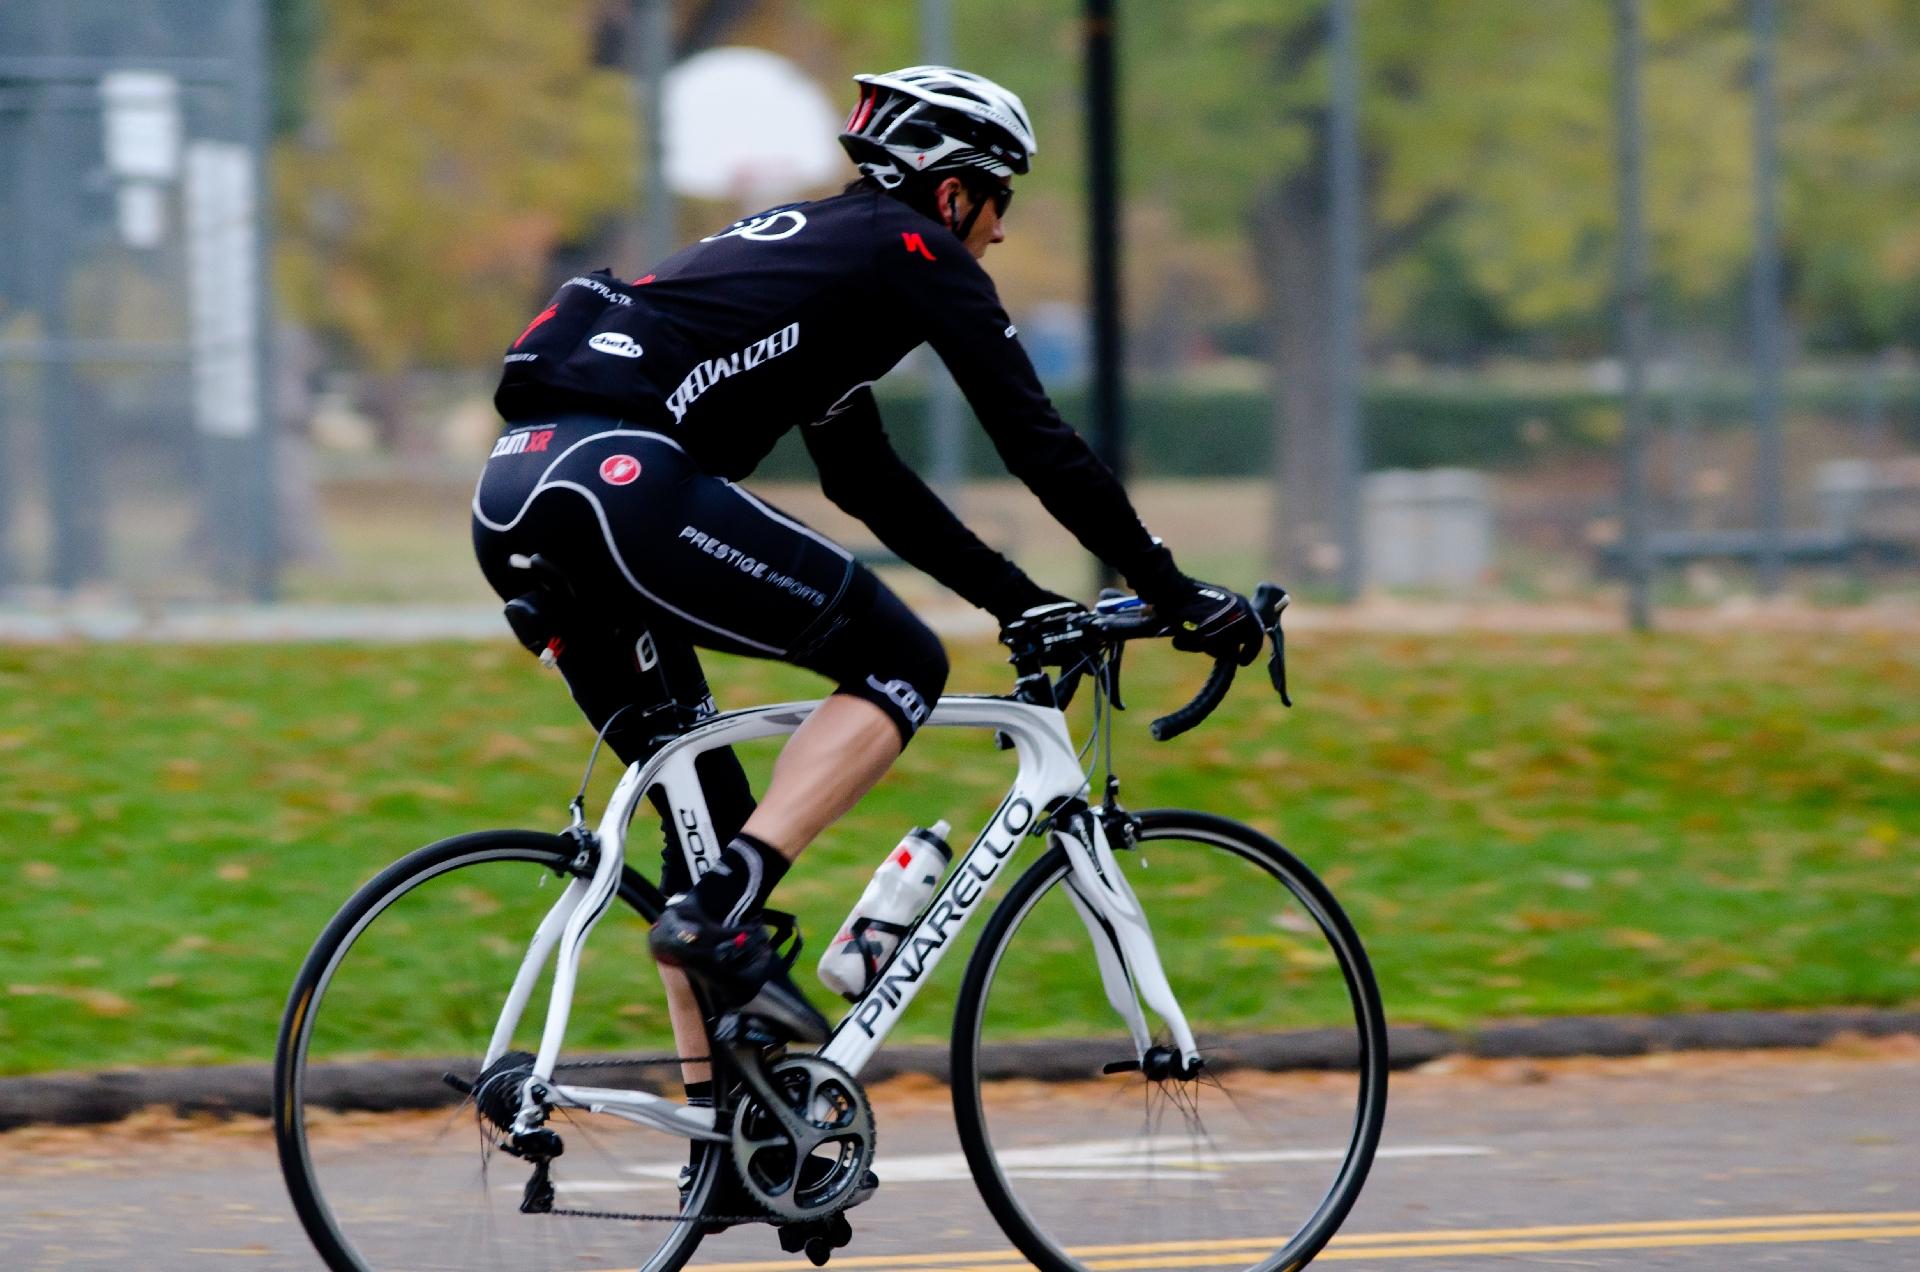 自転車のブレーキ音がうるさくなったときの対処法